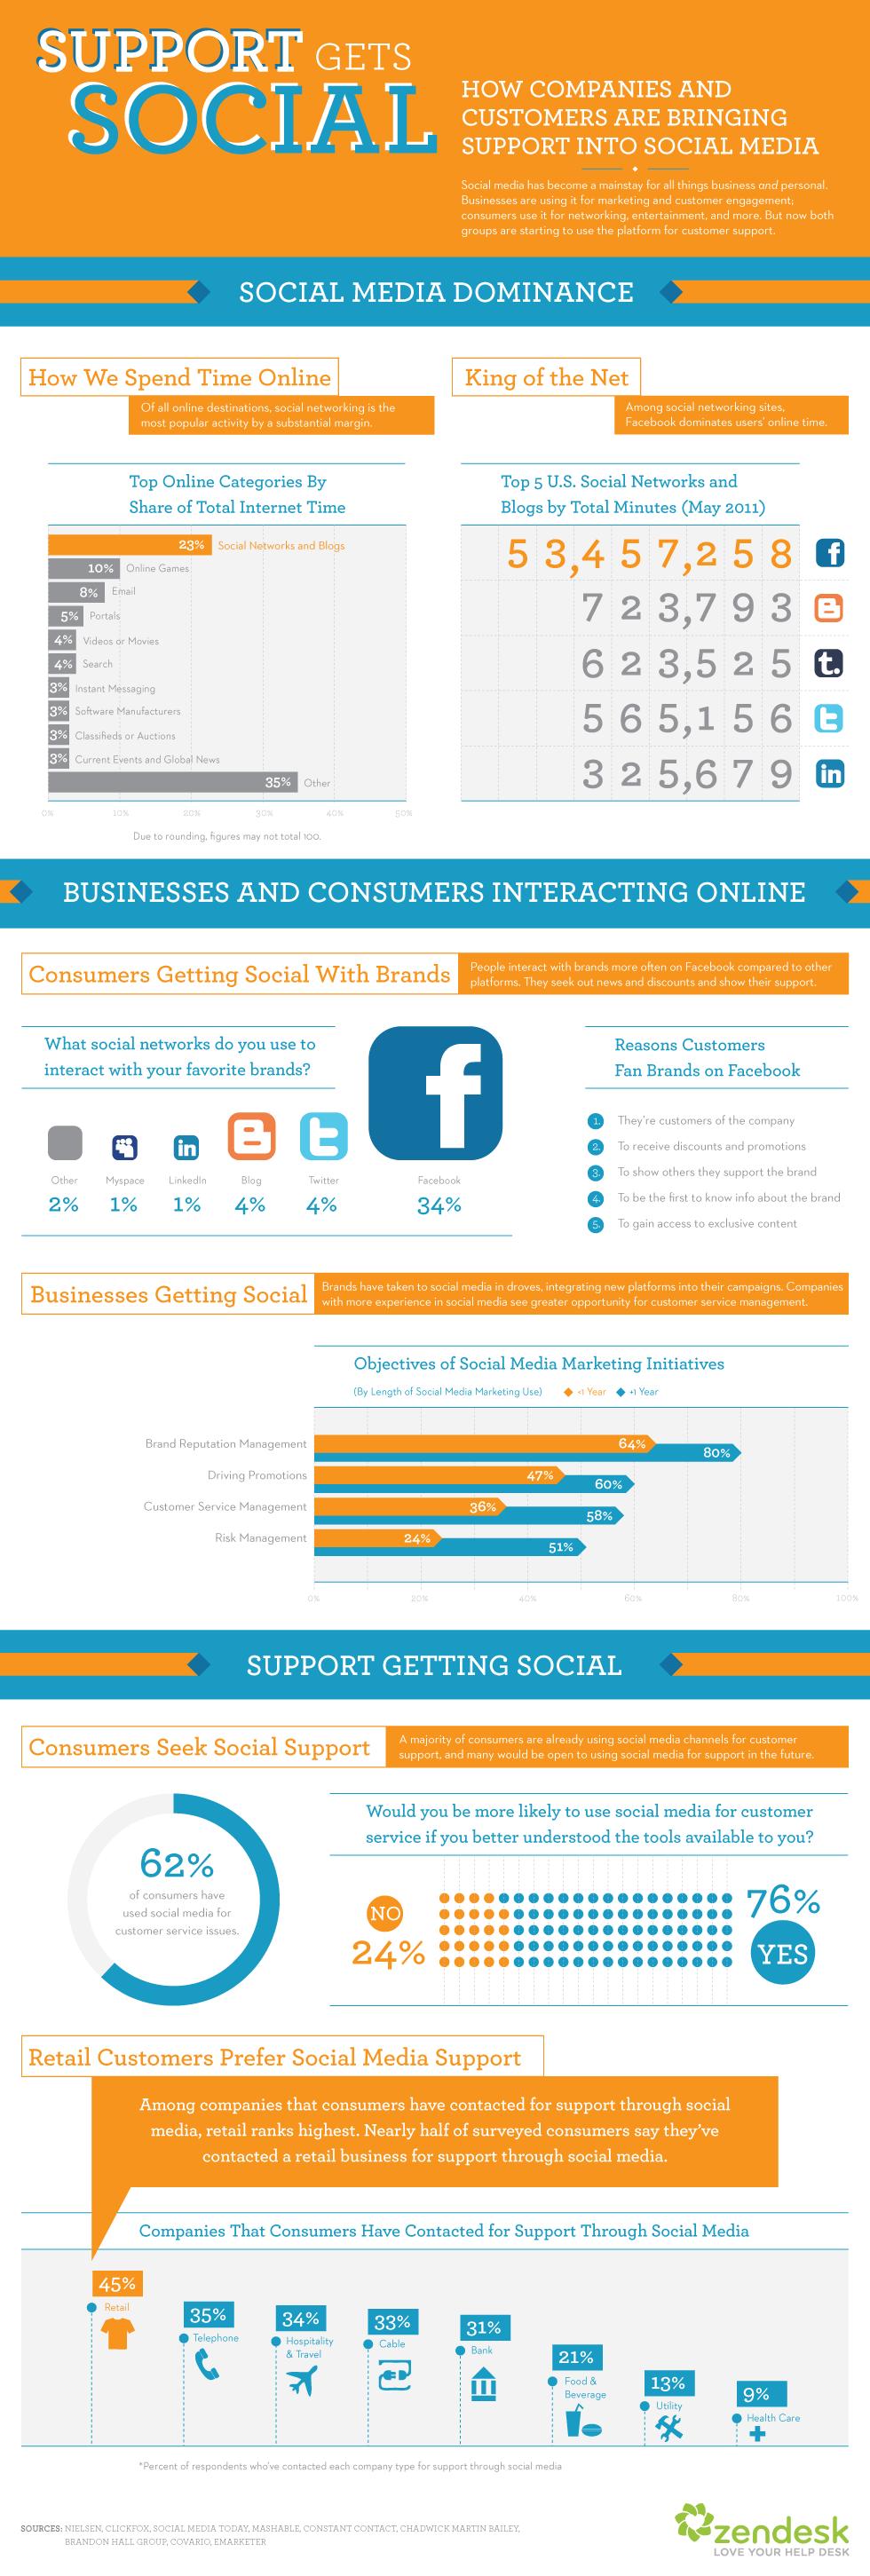 Support Gets Social: Bringing Customer Support Into Social Media